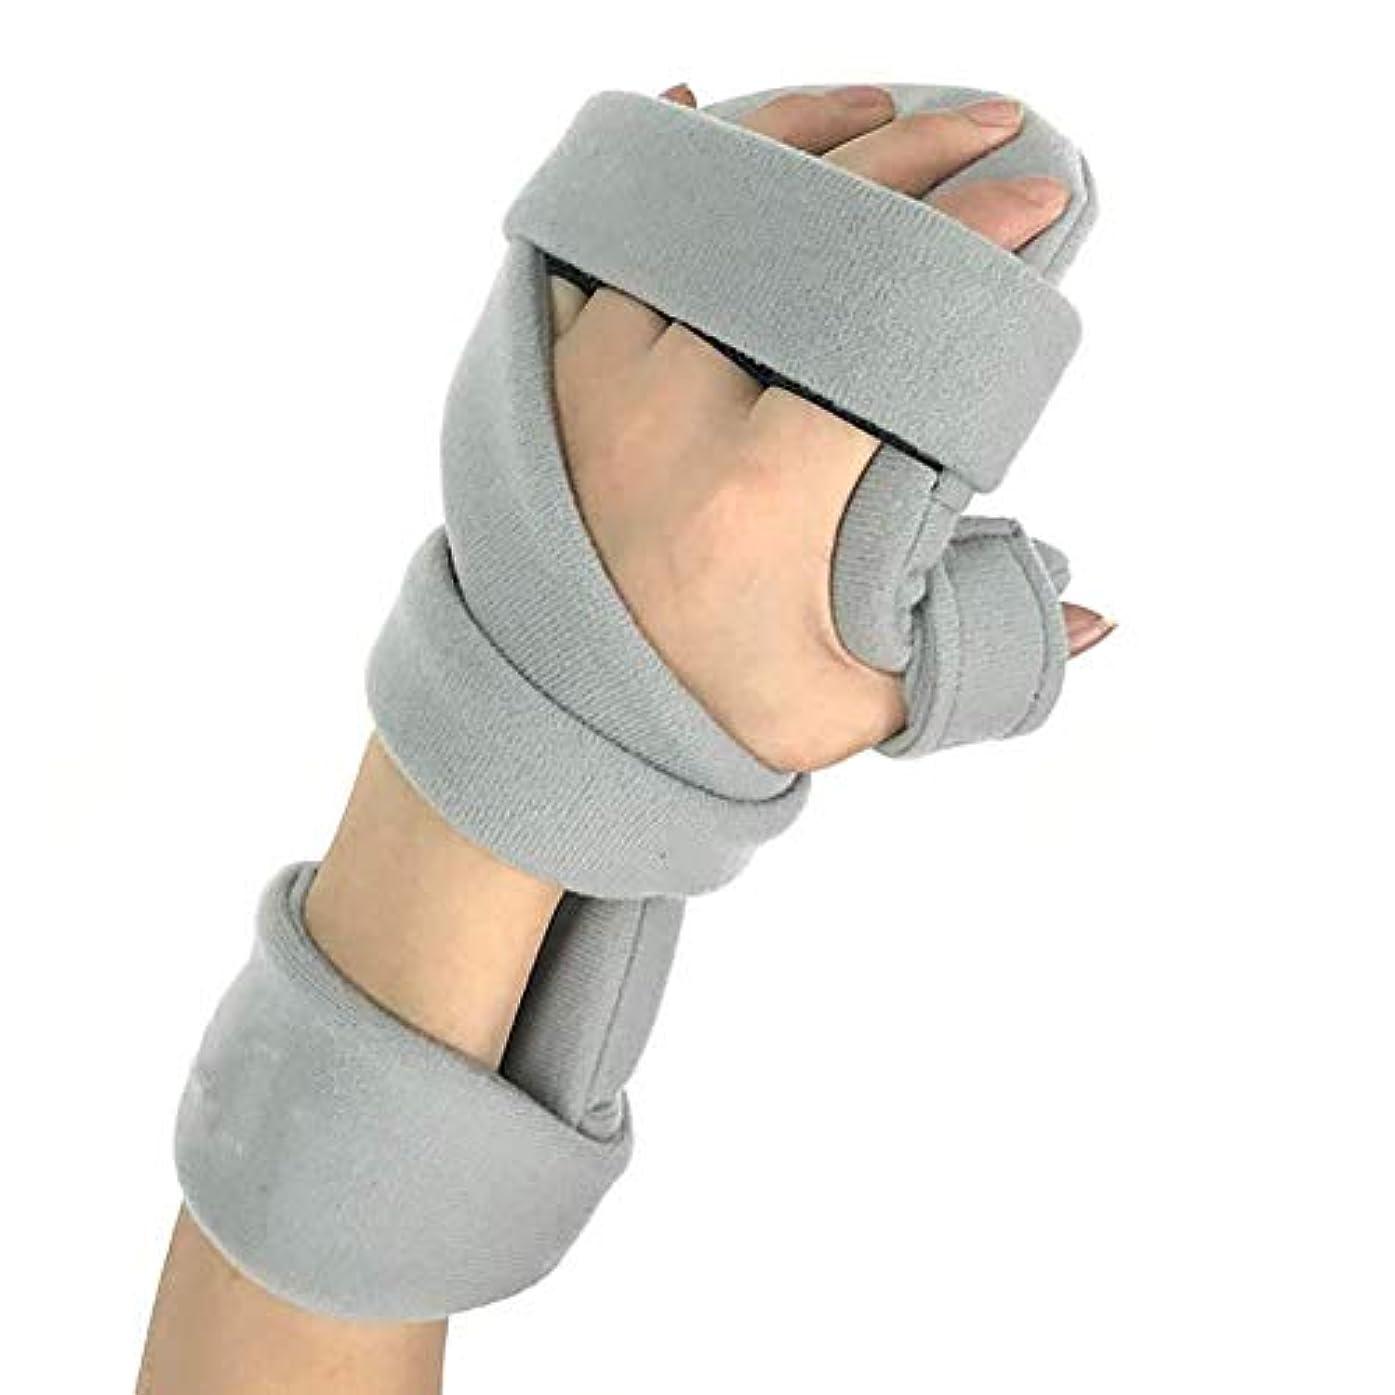 休暇大破食料品店指の怪我のサポート、脳卒中片麻痺患者のリハビリテーションツール支援の指の副木手袋,Right Hand